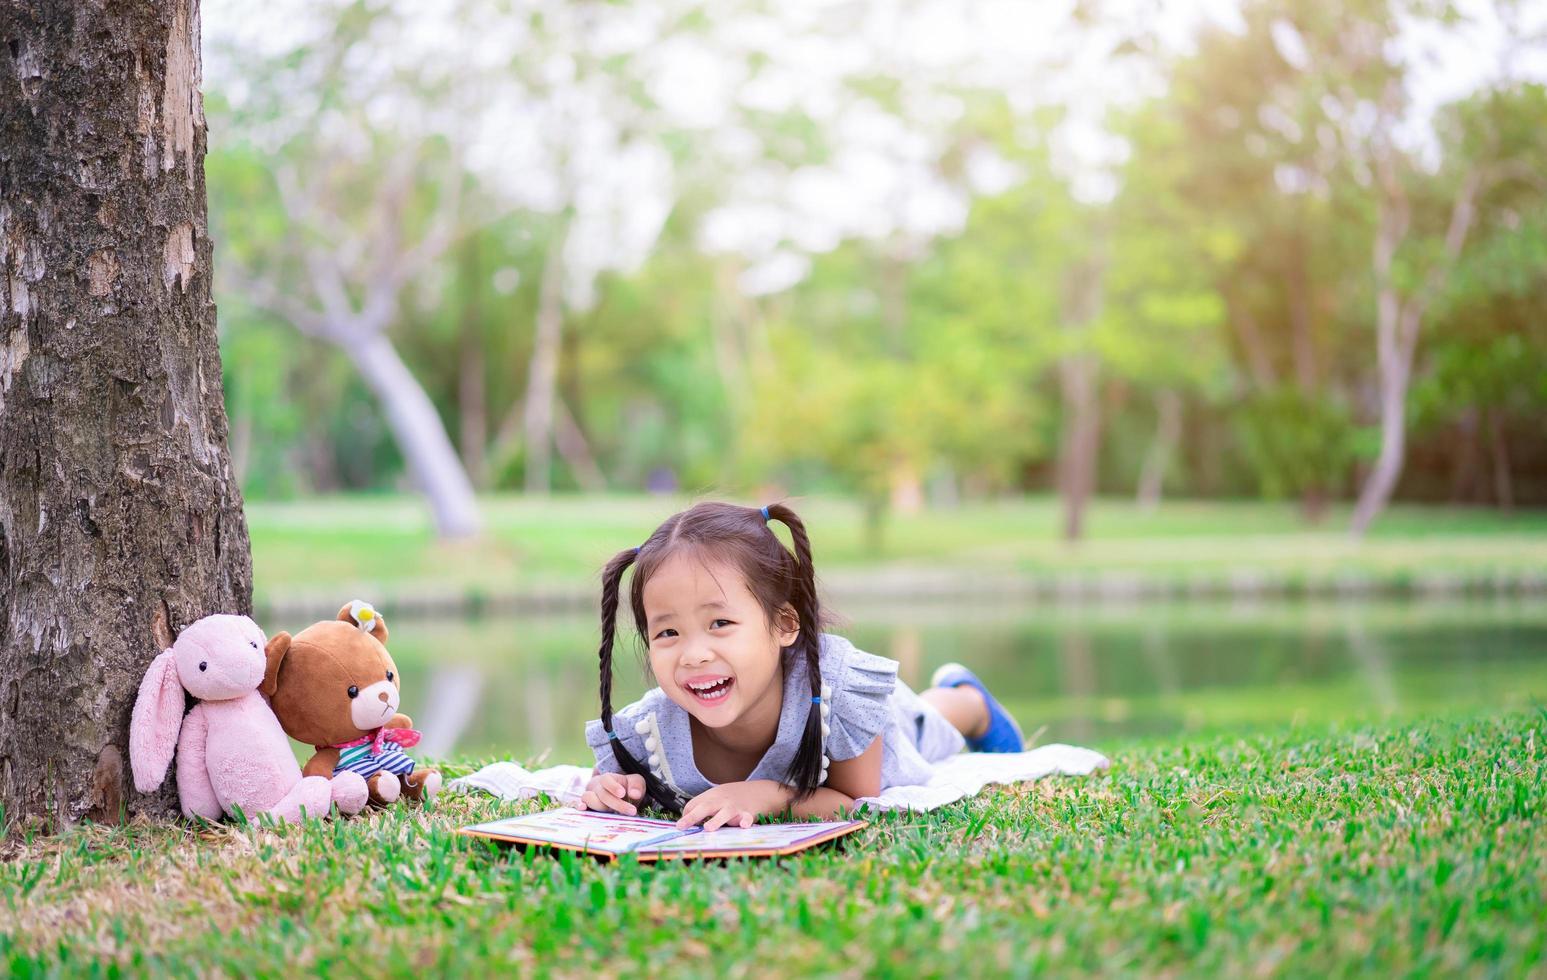 ragazza nel parco con libro e bambole foto